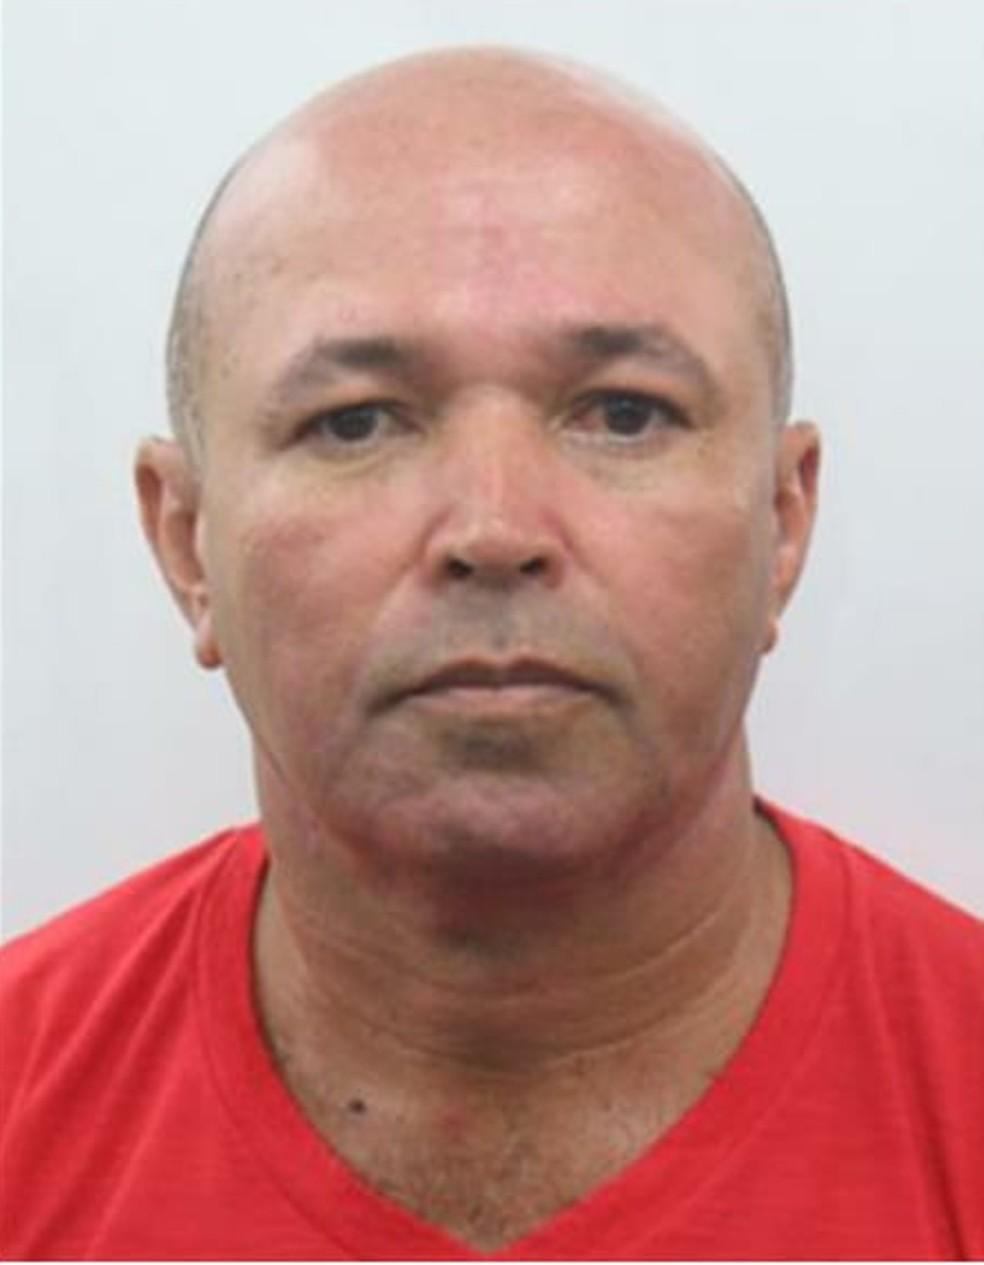 Sargento Gilmar Ferreira Barbosa tinha 52 anos — Foto: PMRN/Divulgação